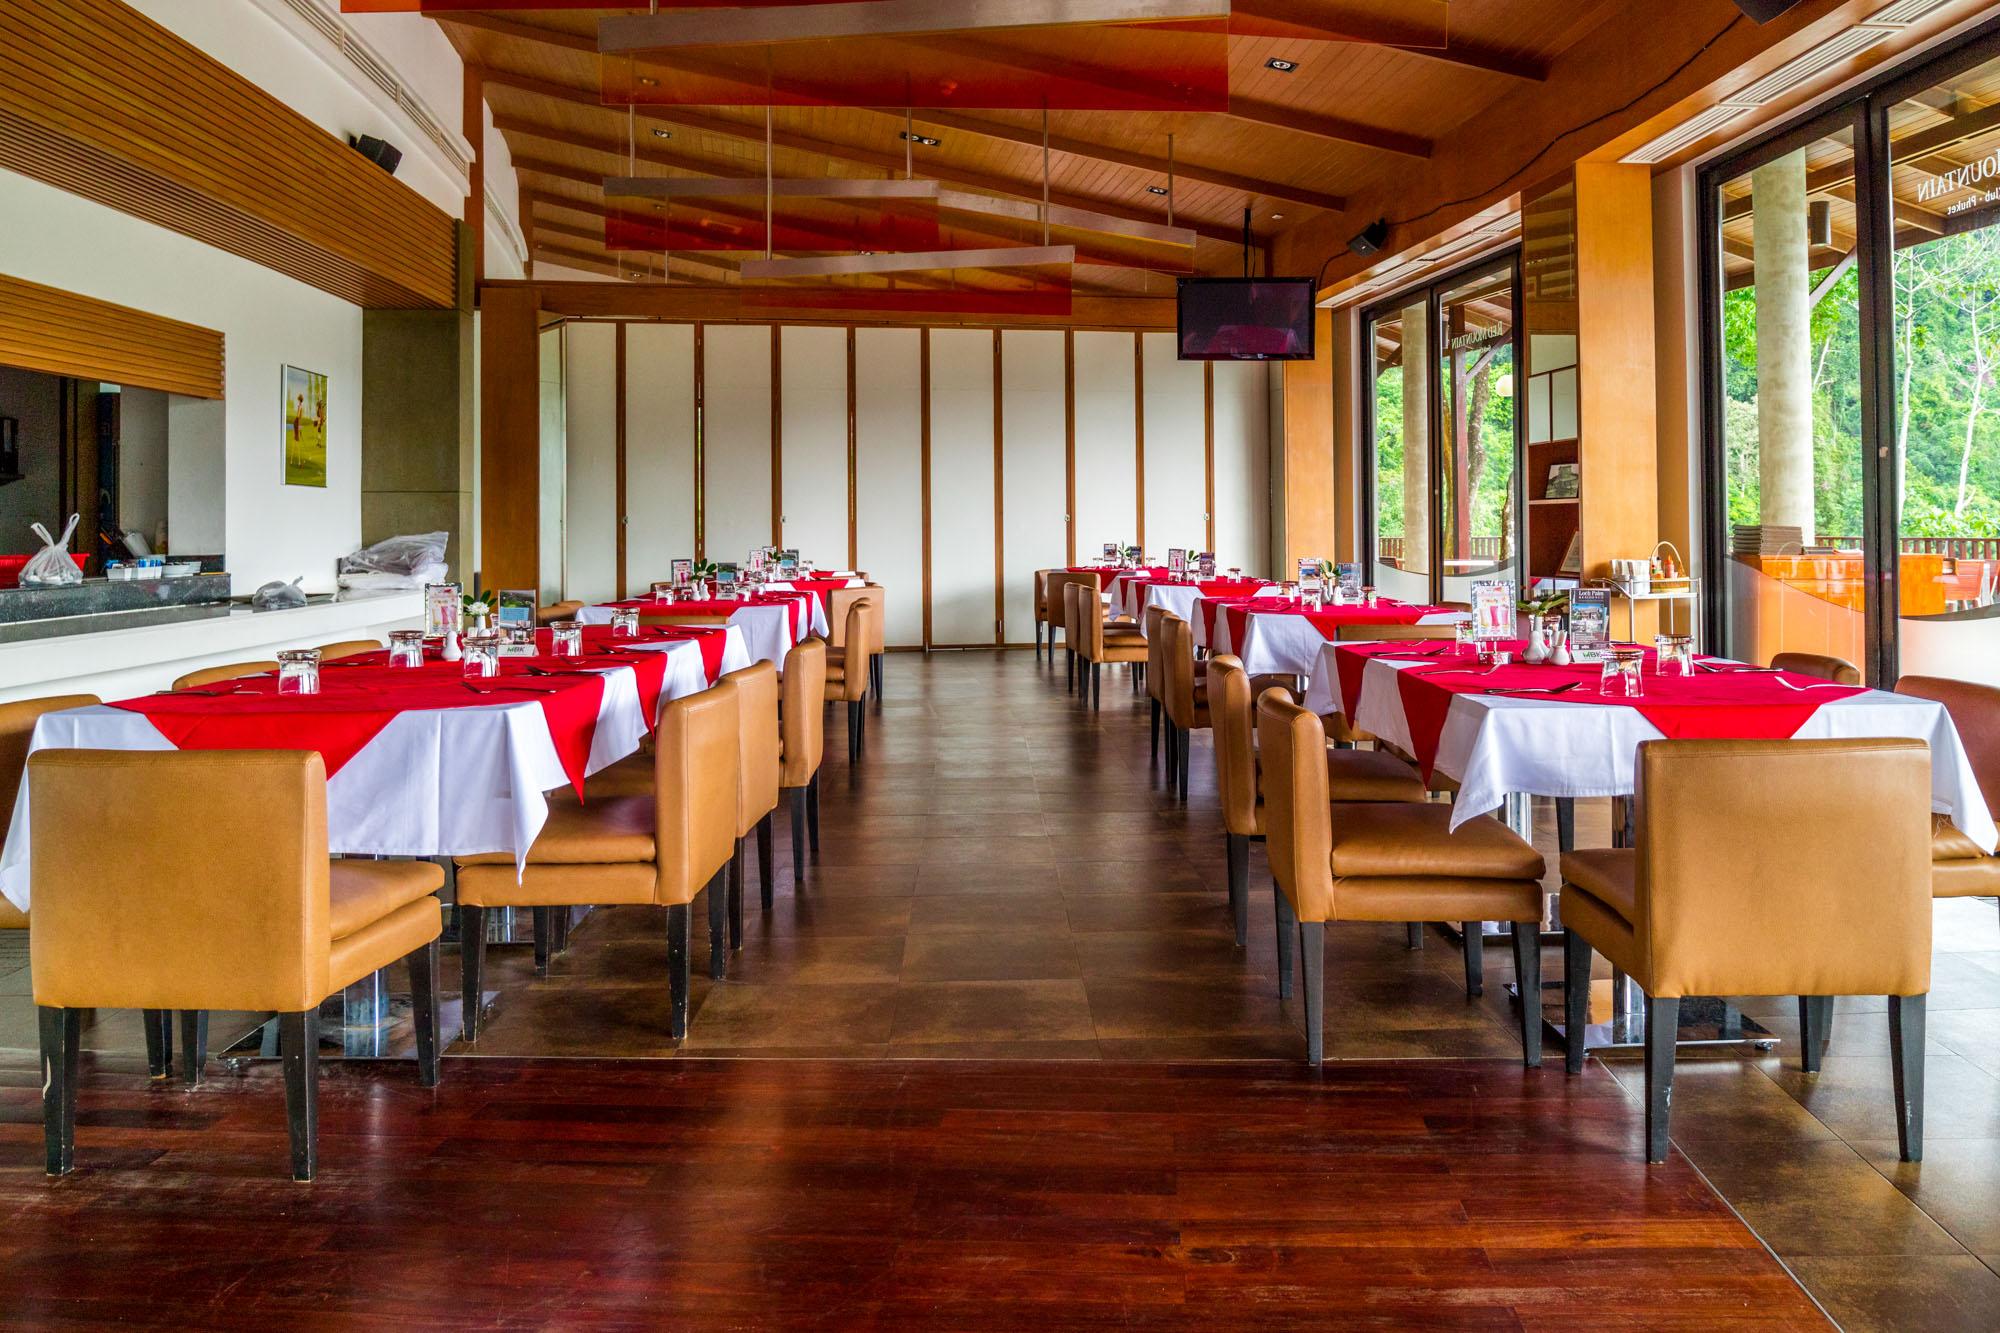 ทินิดี กอล์ฟ รีสอร์ท Tinidee Golf Resort Phuket  Tinidee Phuket ทินิดี กอล์ฟ รีสอร์ท แอท ภูเก็ต IMG 8439